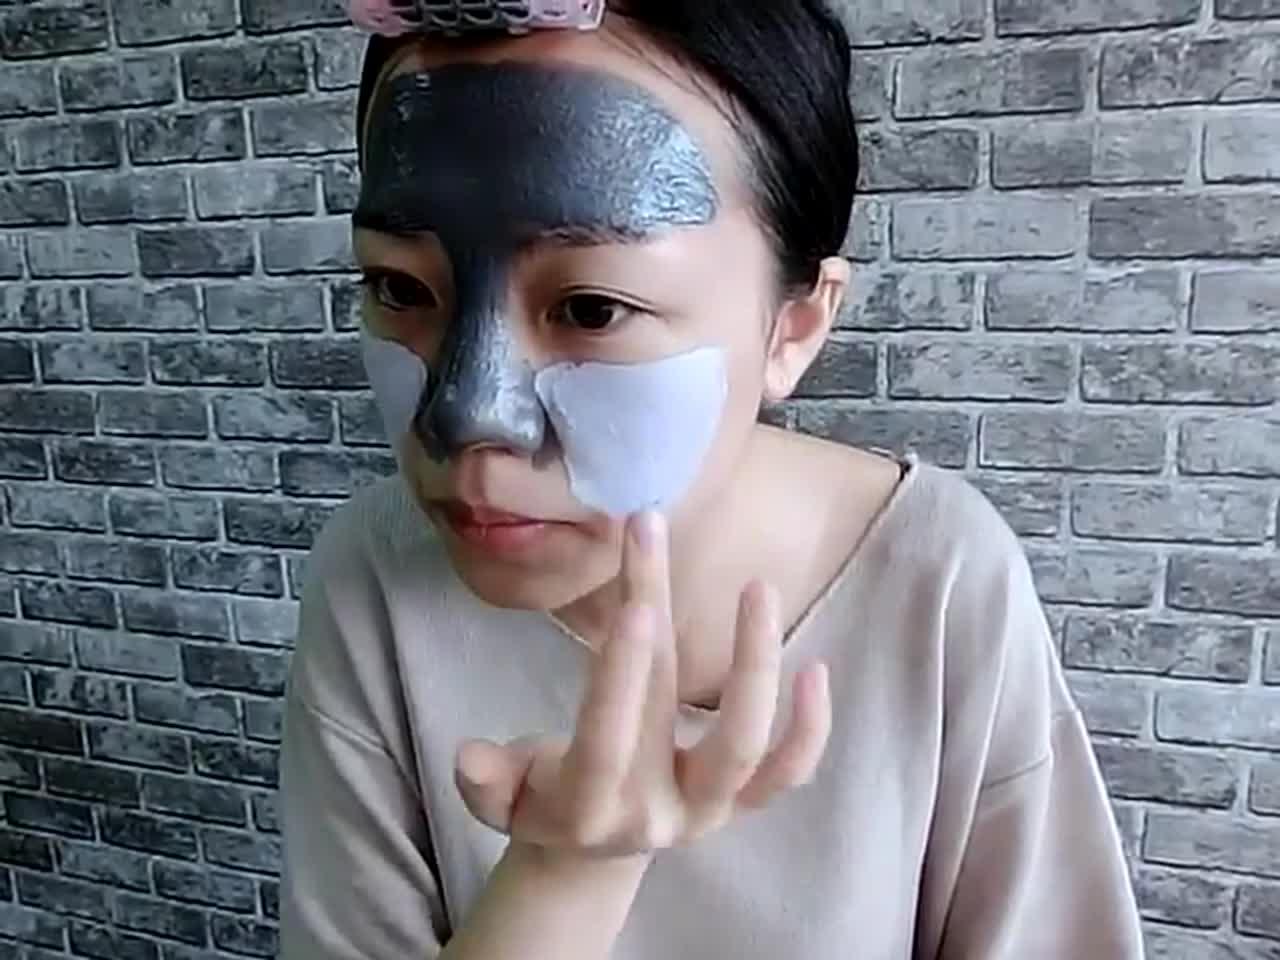 接著因為歐膩臉頰比較敏感,所以選擇紫色鎮靜款,希望可以改善紅通通的臉頰啊TT